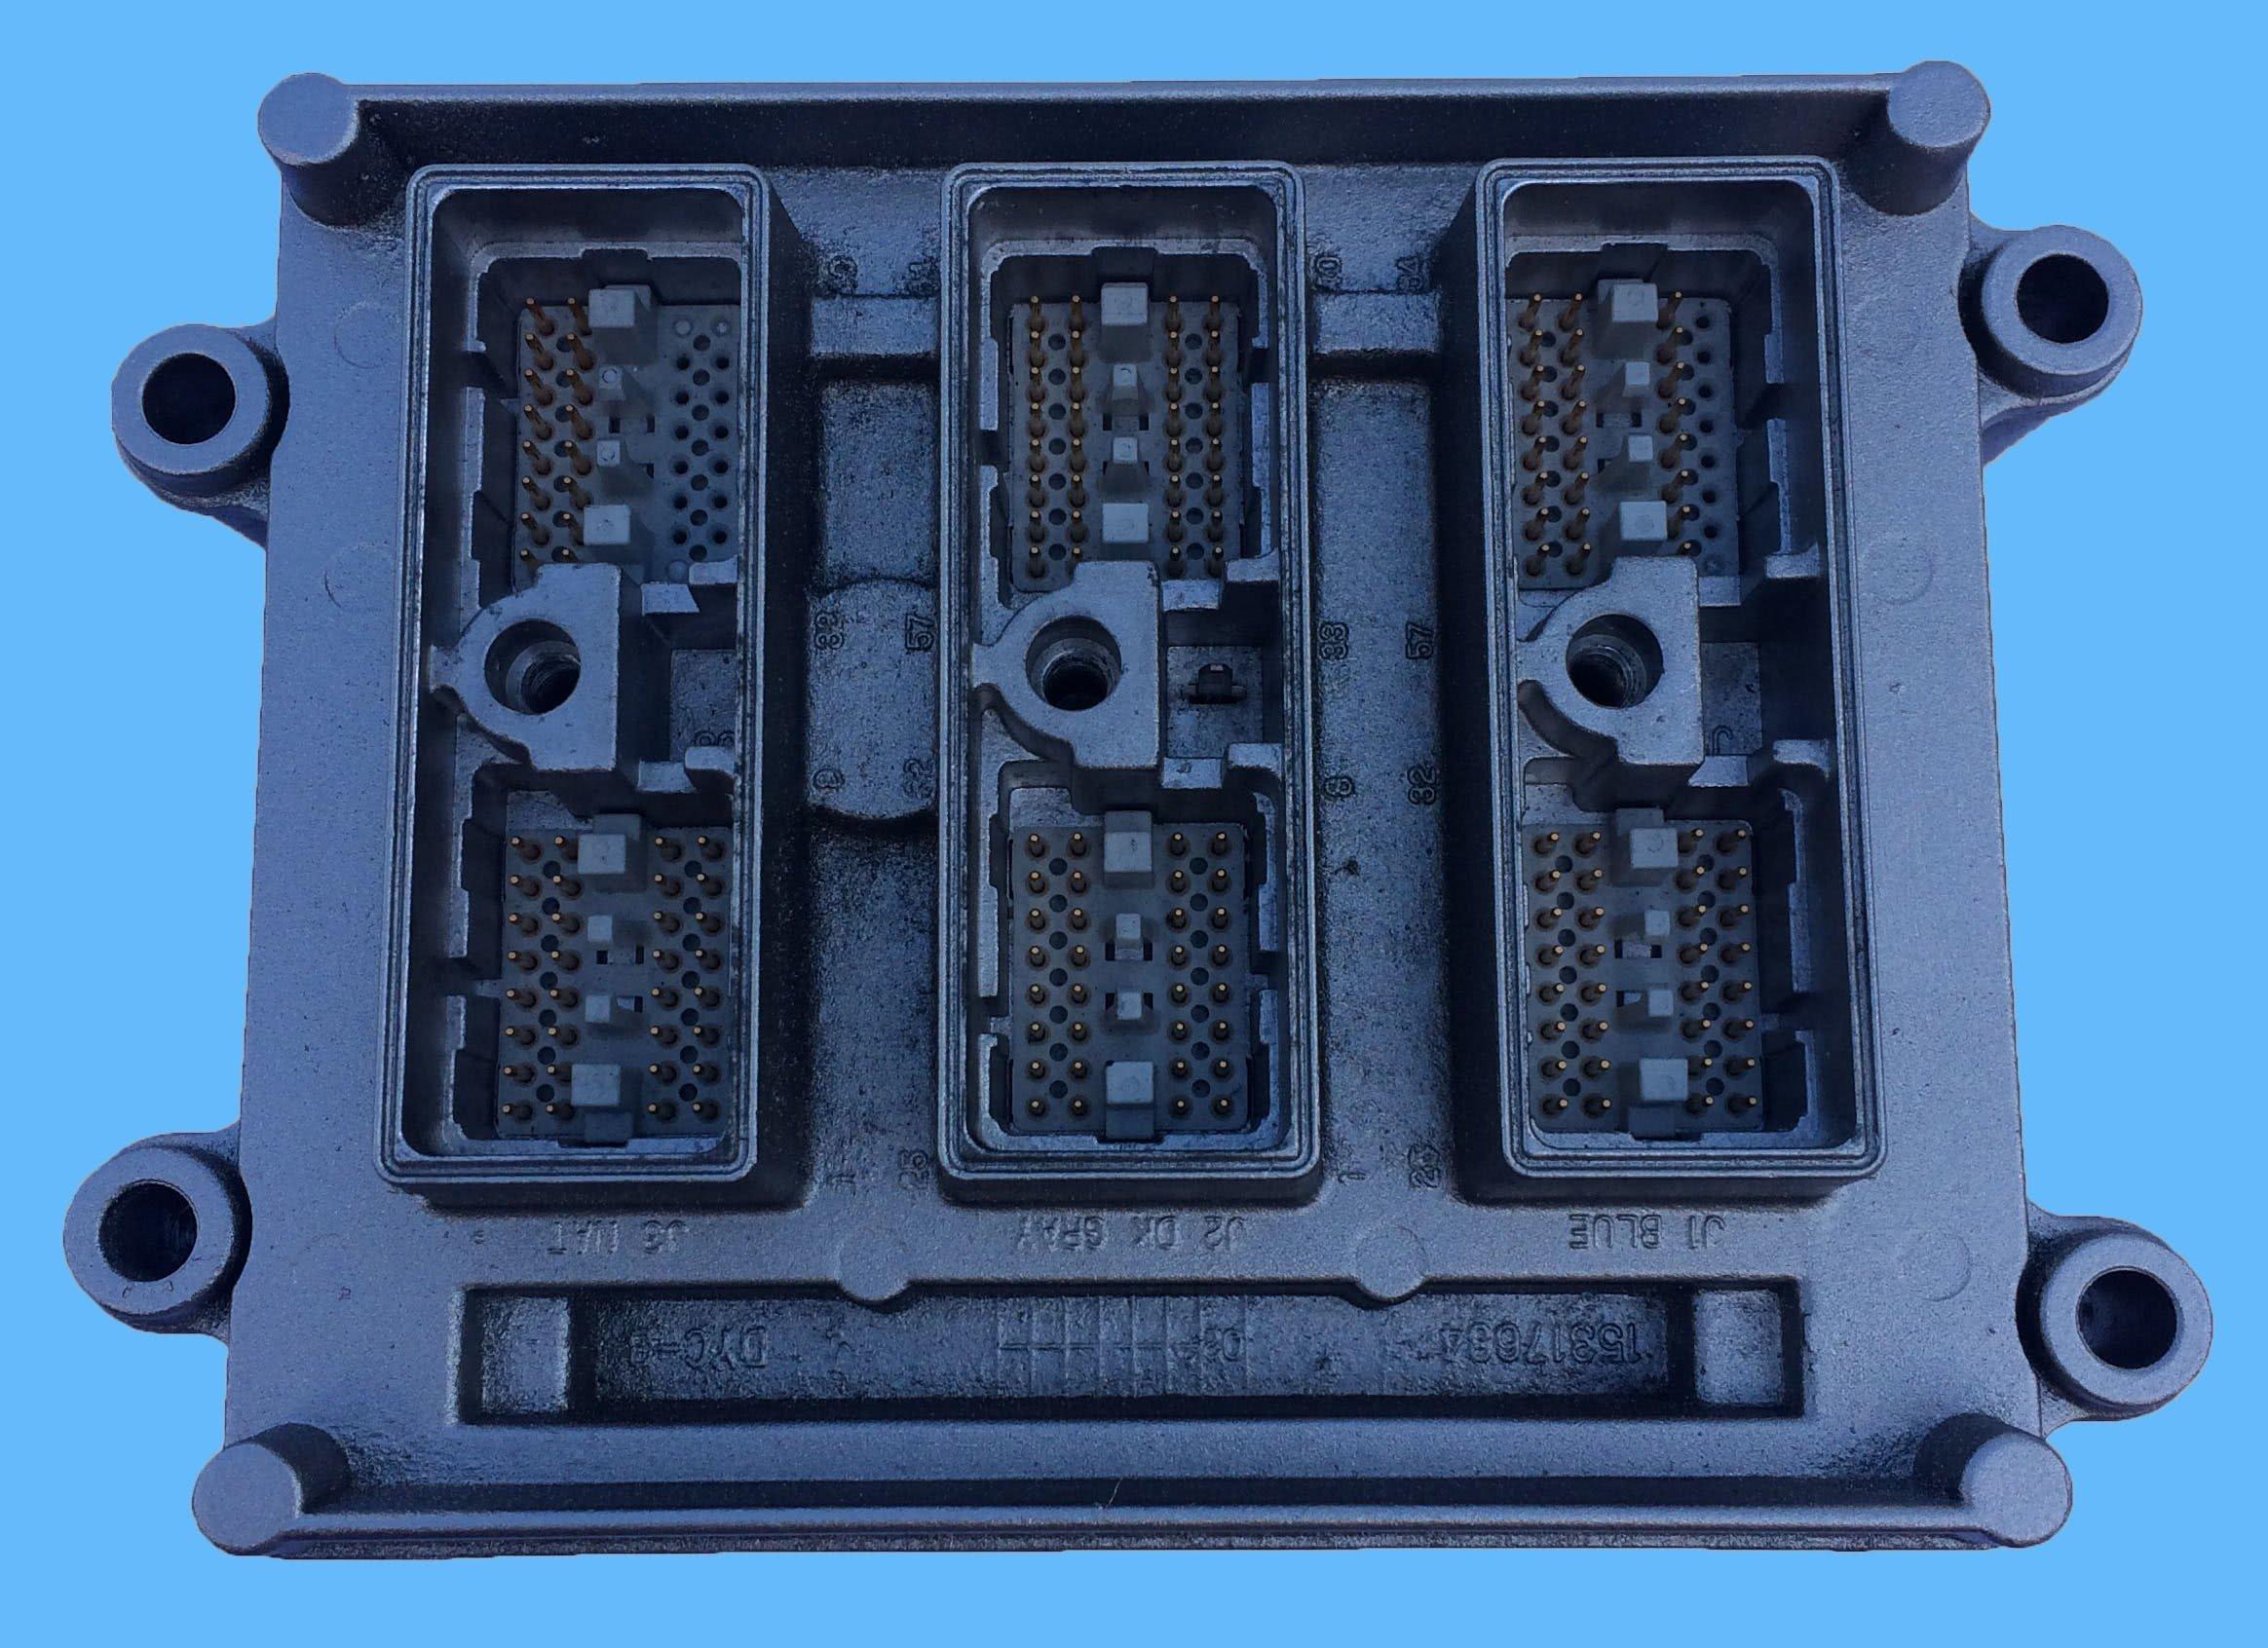 2001 Oldsmobile Bravada 4.3 V6 Cylinder Gas Engine Control Module ECM / PCM - Engine Control Module